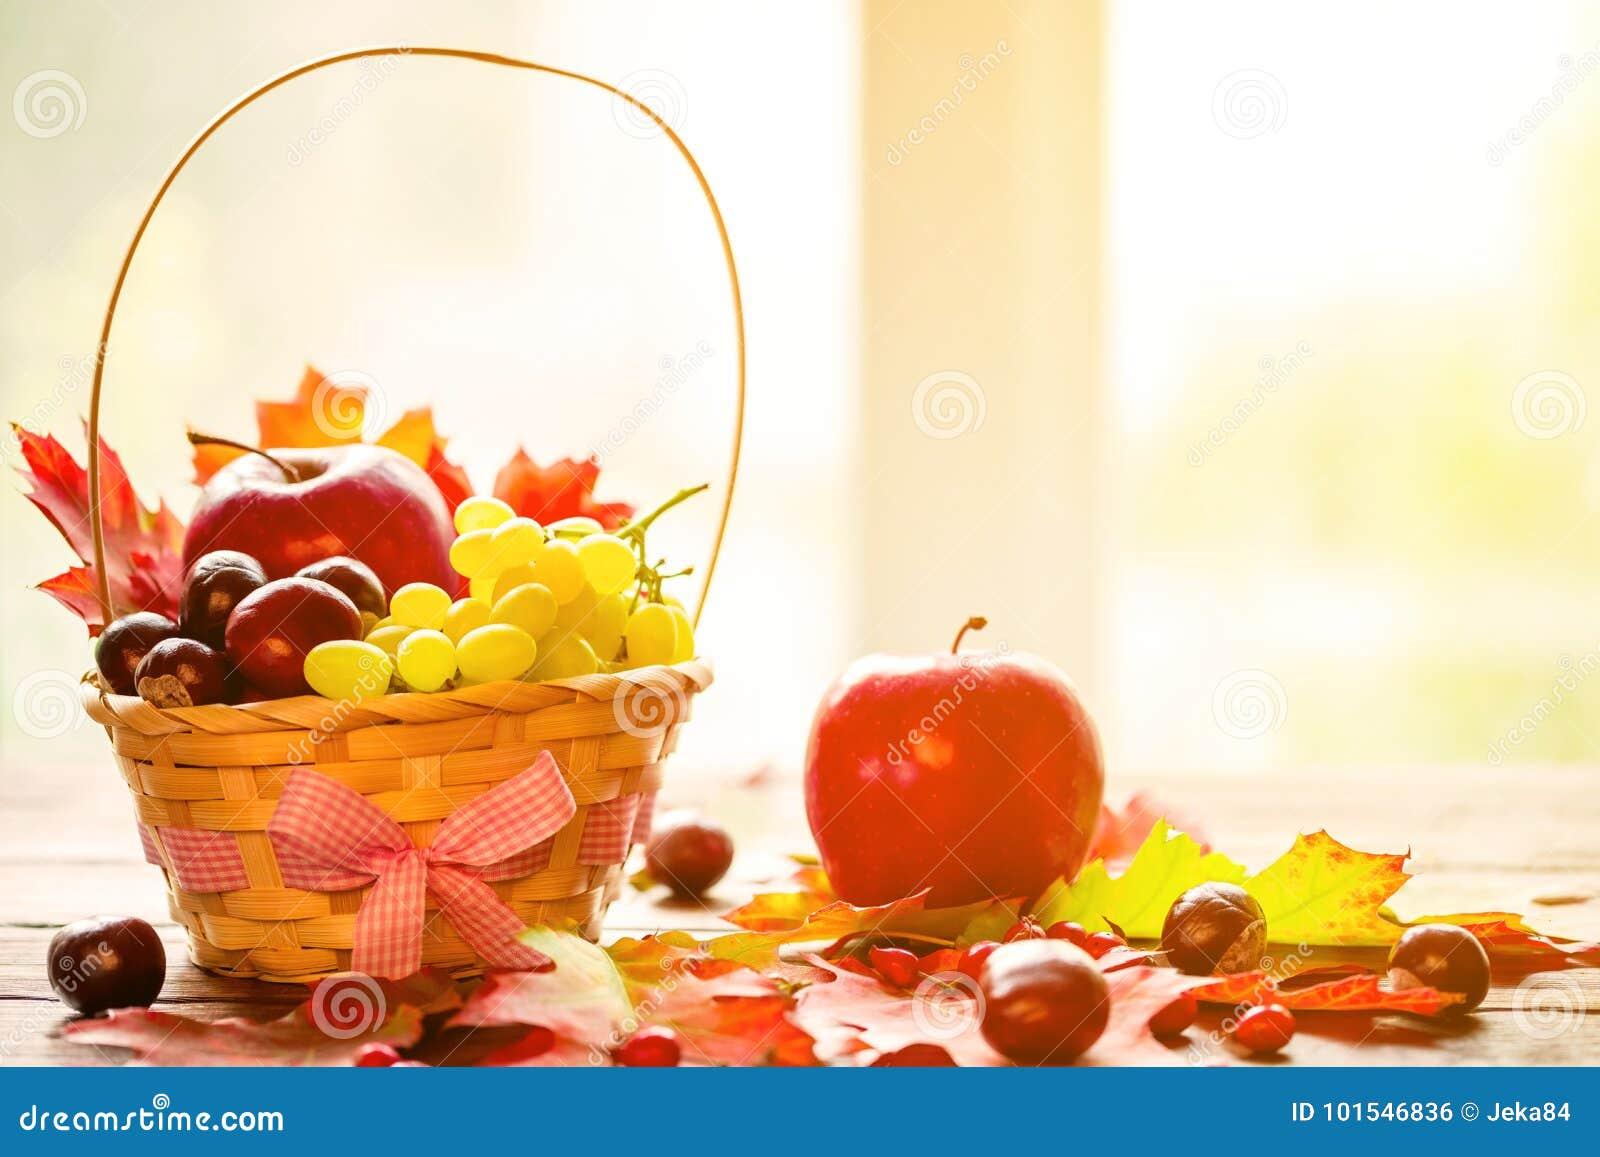 Jesieni tło z koszem z żółtymi liśćmi klonowymi, winogrona, czerwoni jabłka Rama spadku żniwo na starzejącym się drewnie z kopii